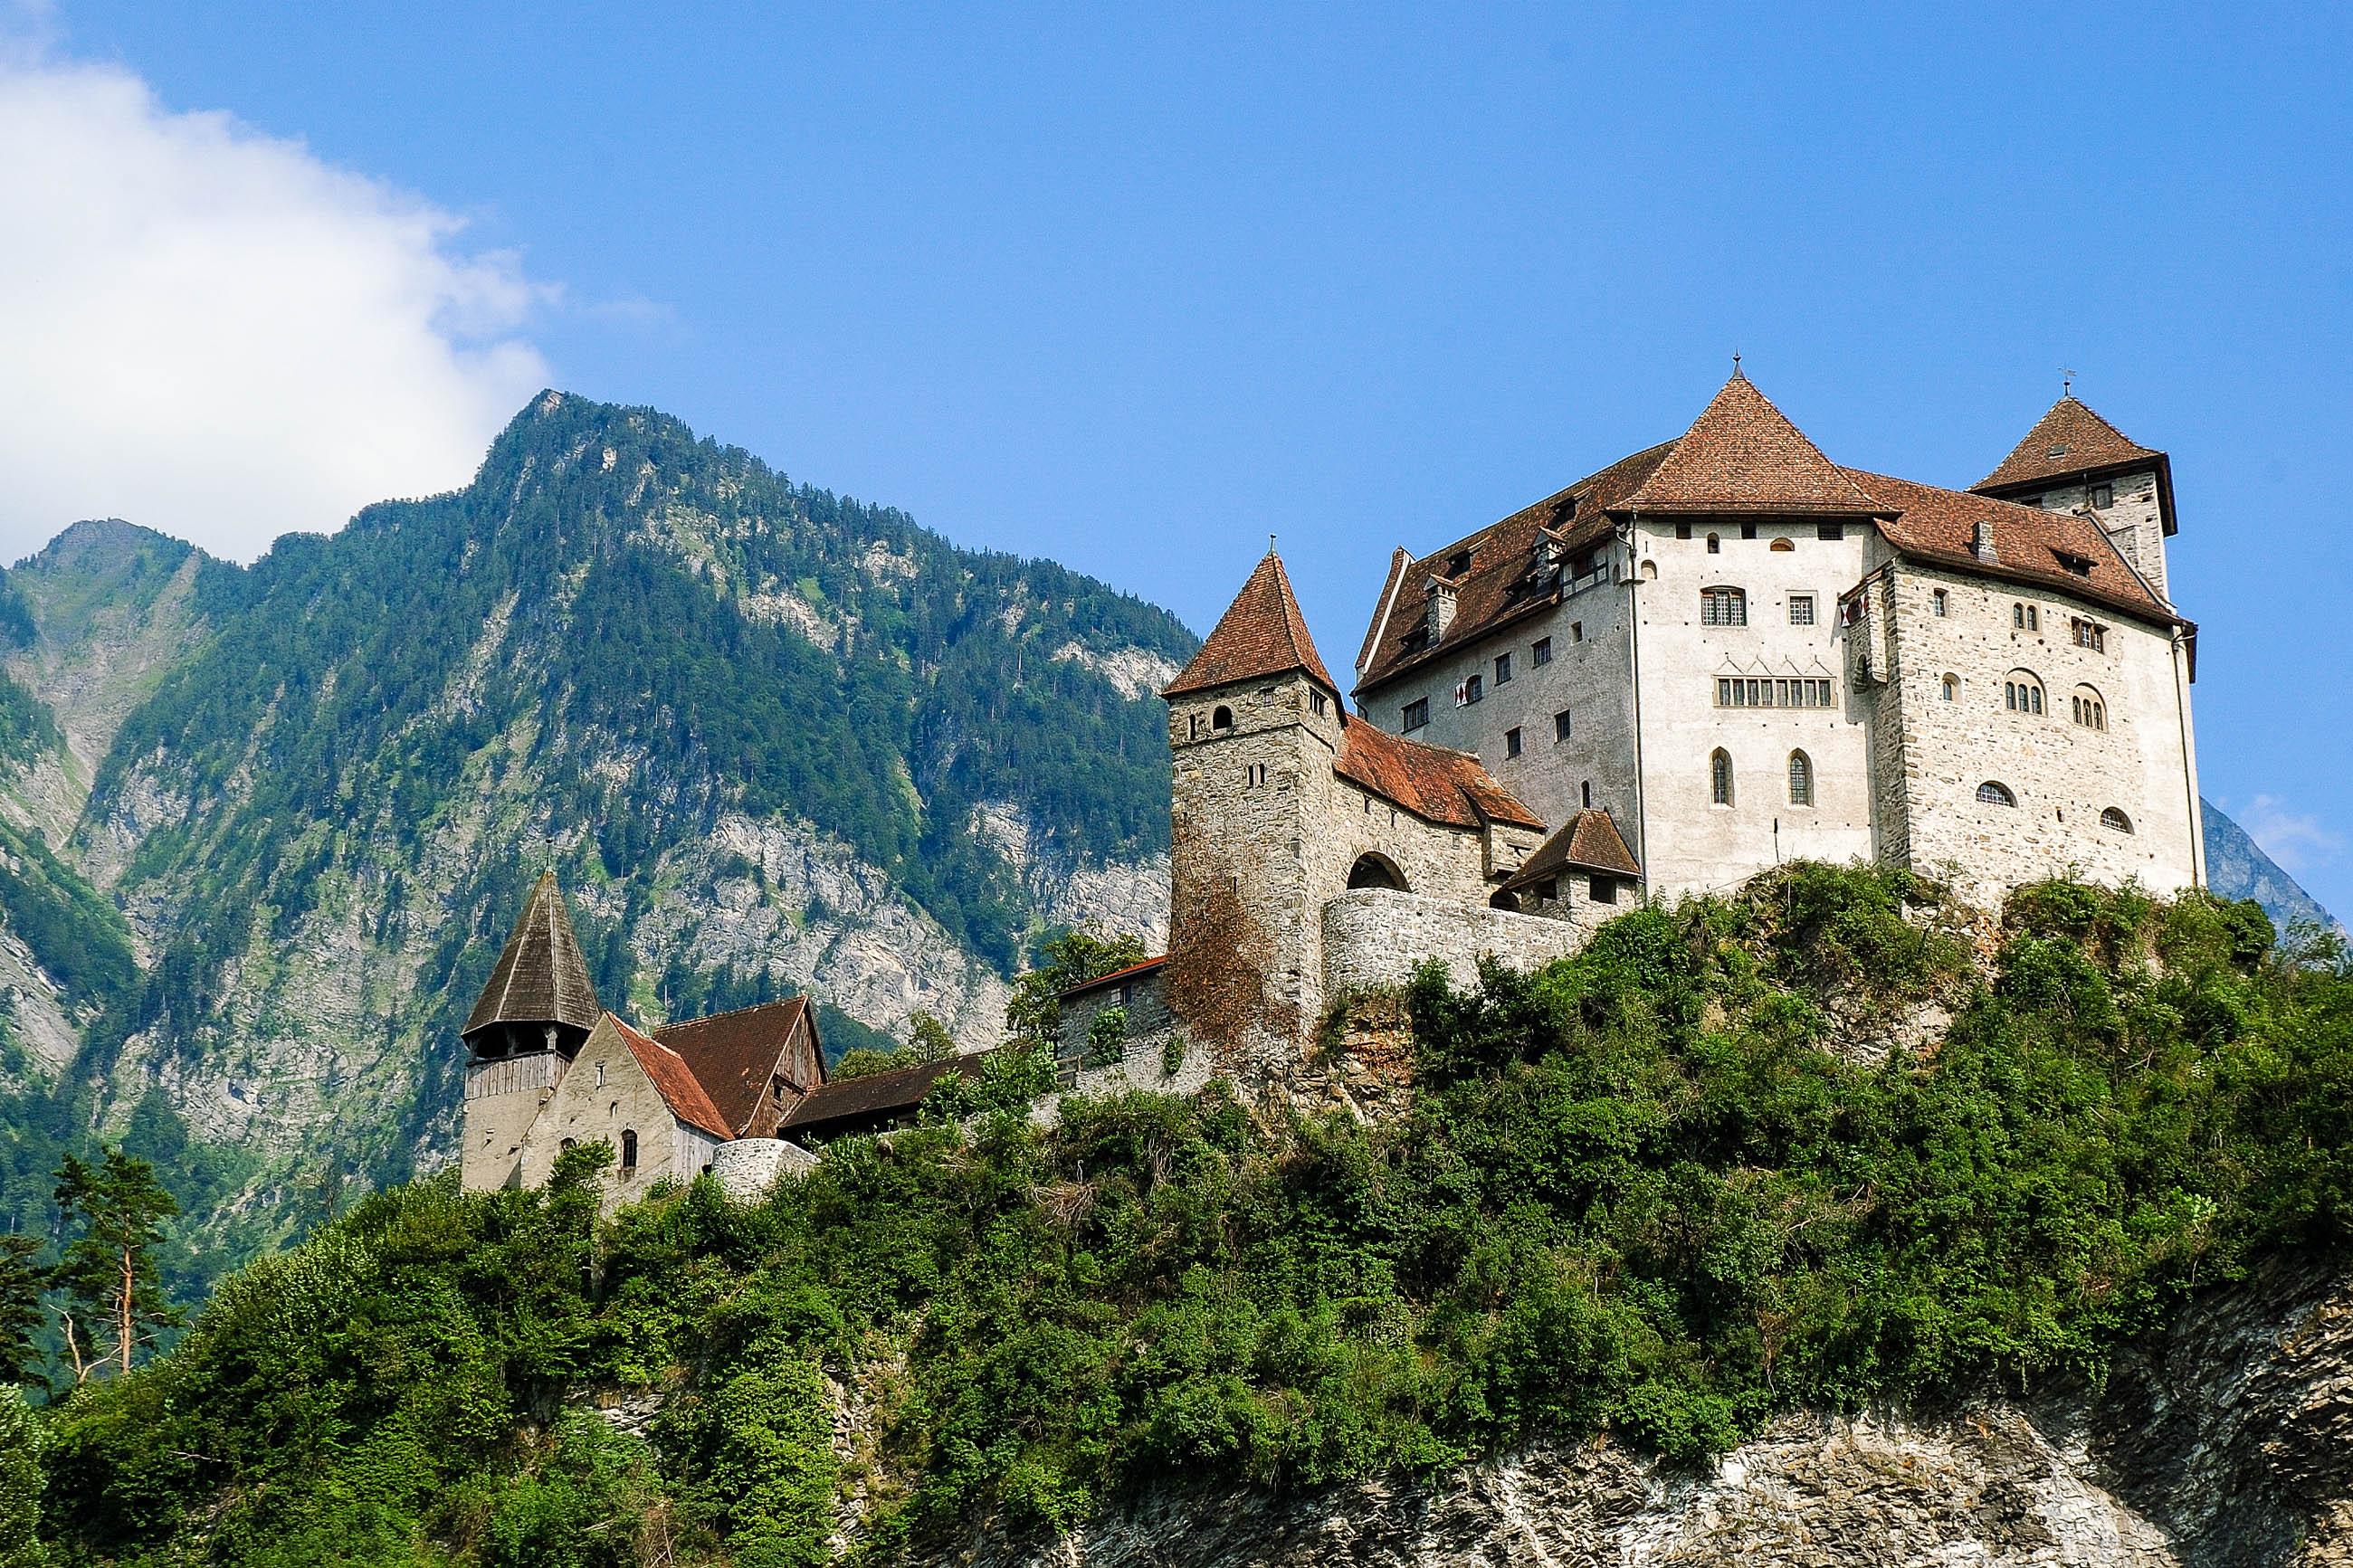 Burg Gutenberg in Balzers, Liechtenstein